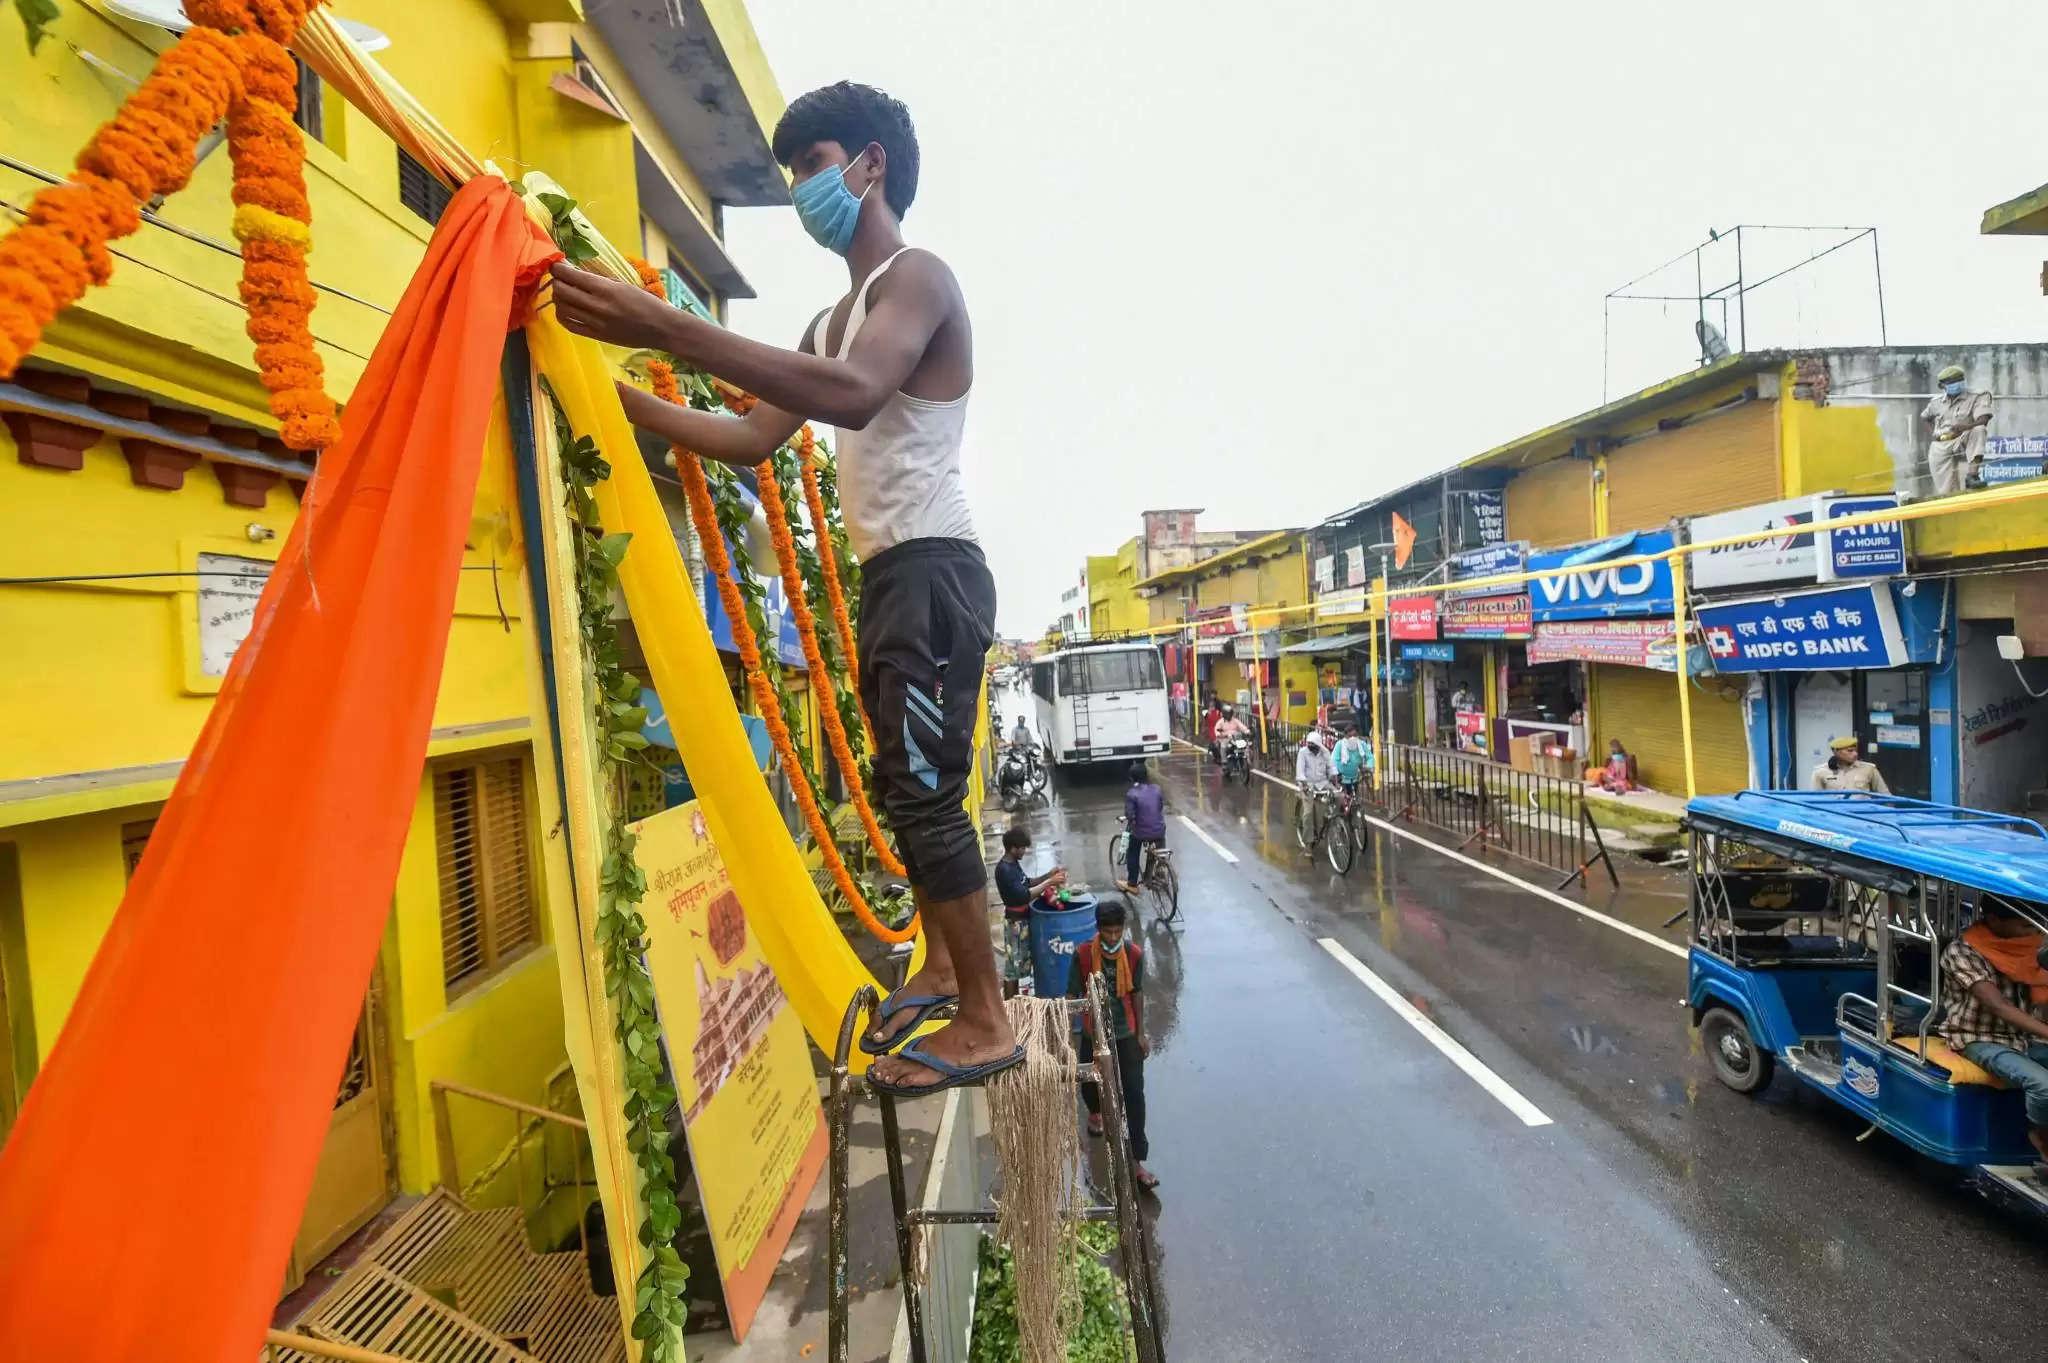 राम मंदिर में भूमि पूजन कार्यक्रम के लिये दुल्हन की तरह सजी भगवान राम की नगरी 'अयोध्या'